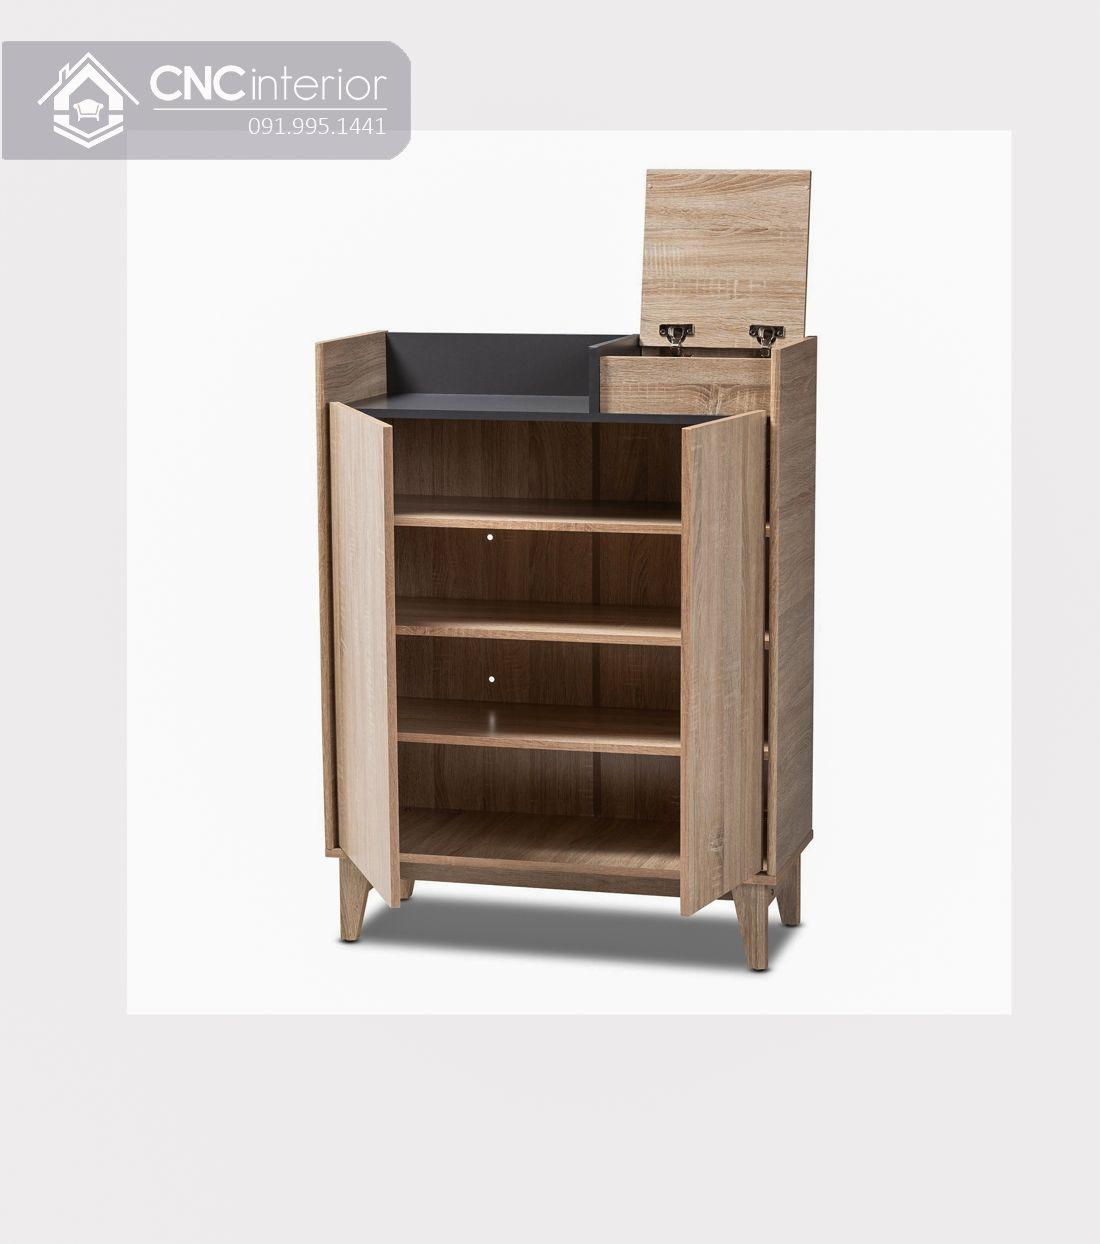 Tủ giày gỗ công nghiệp MFC hiện đại CNC 01 2